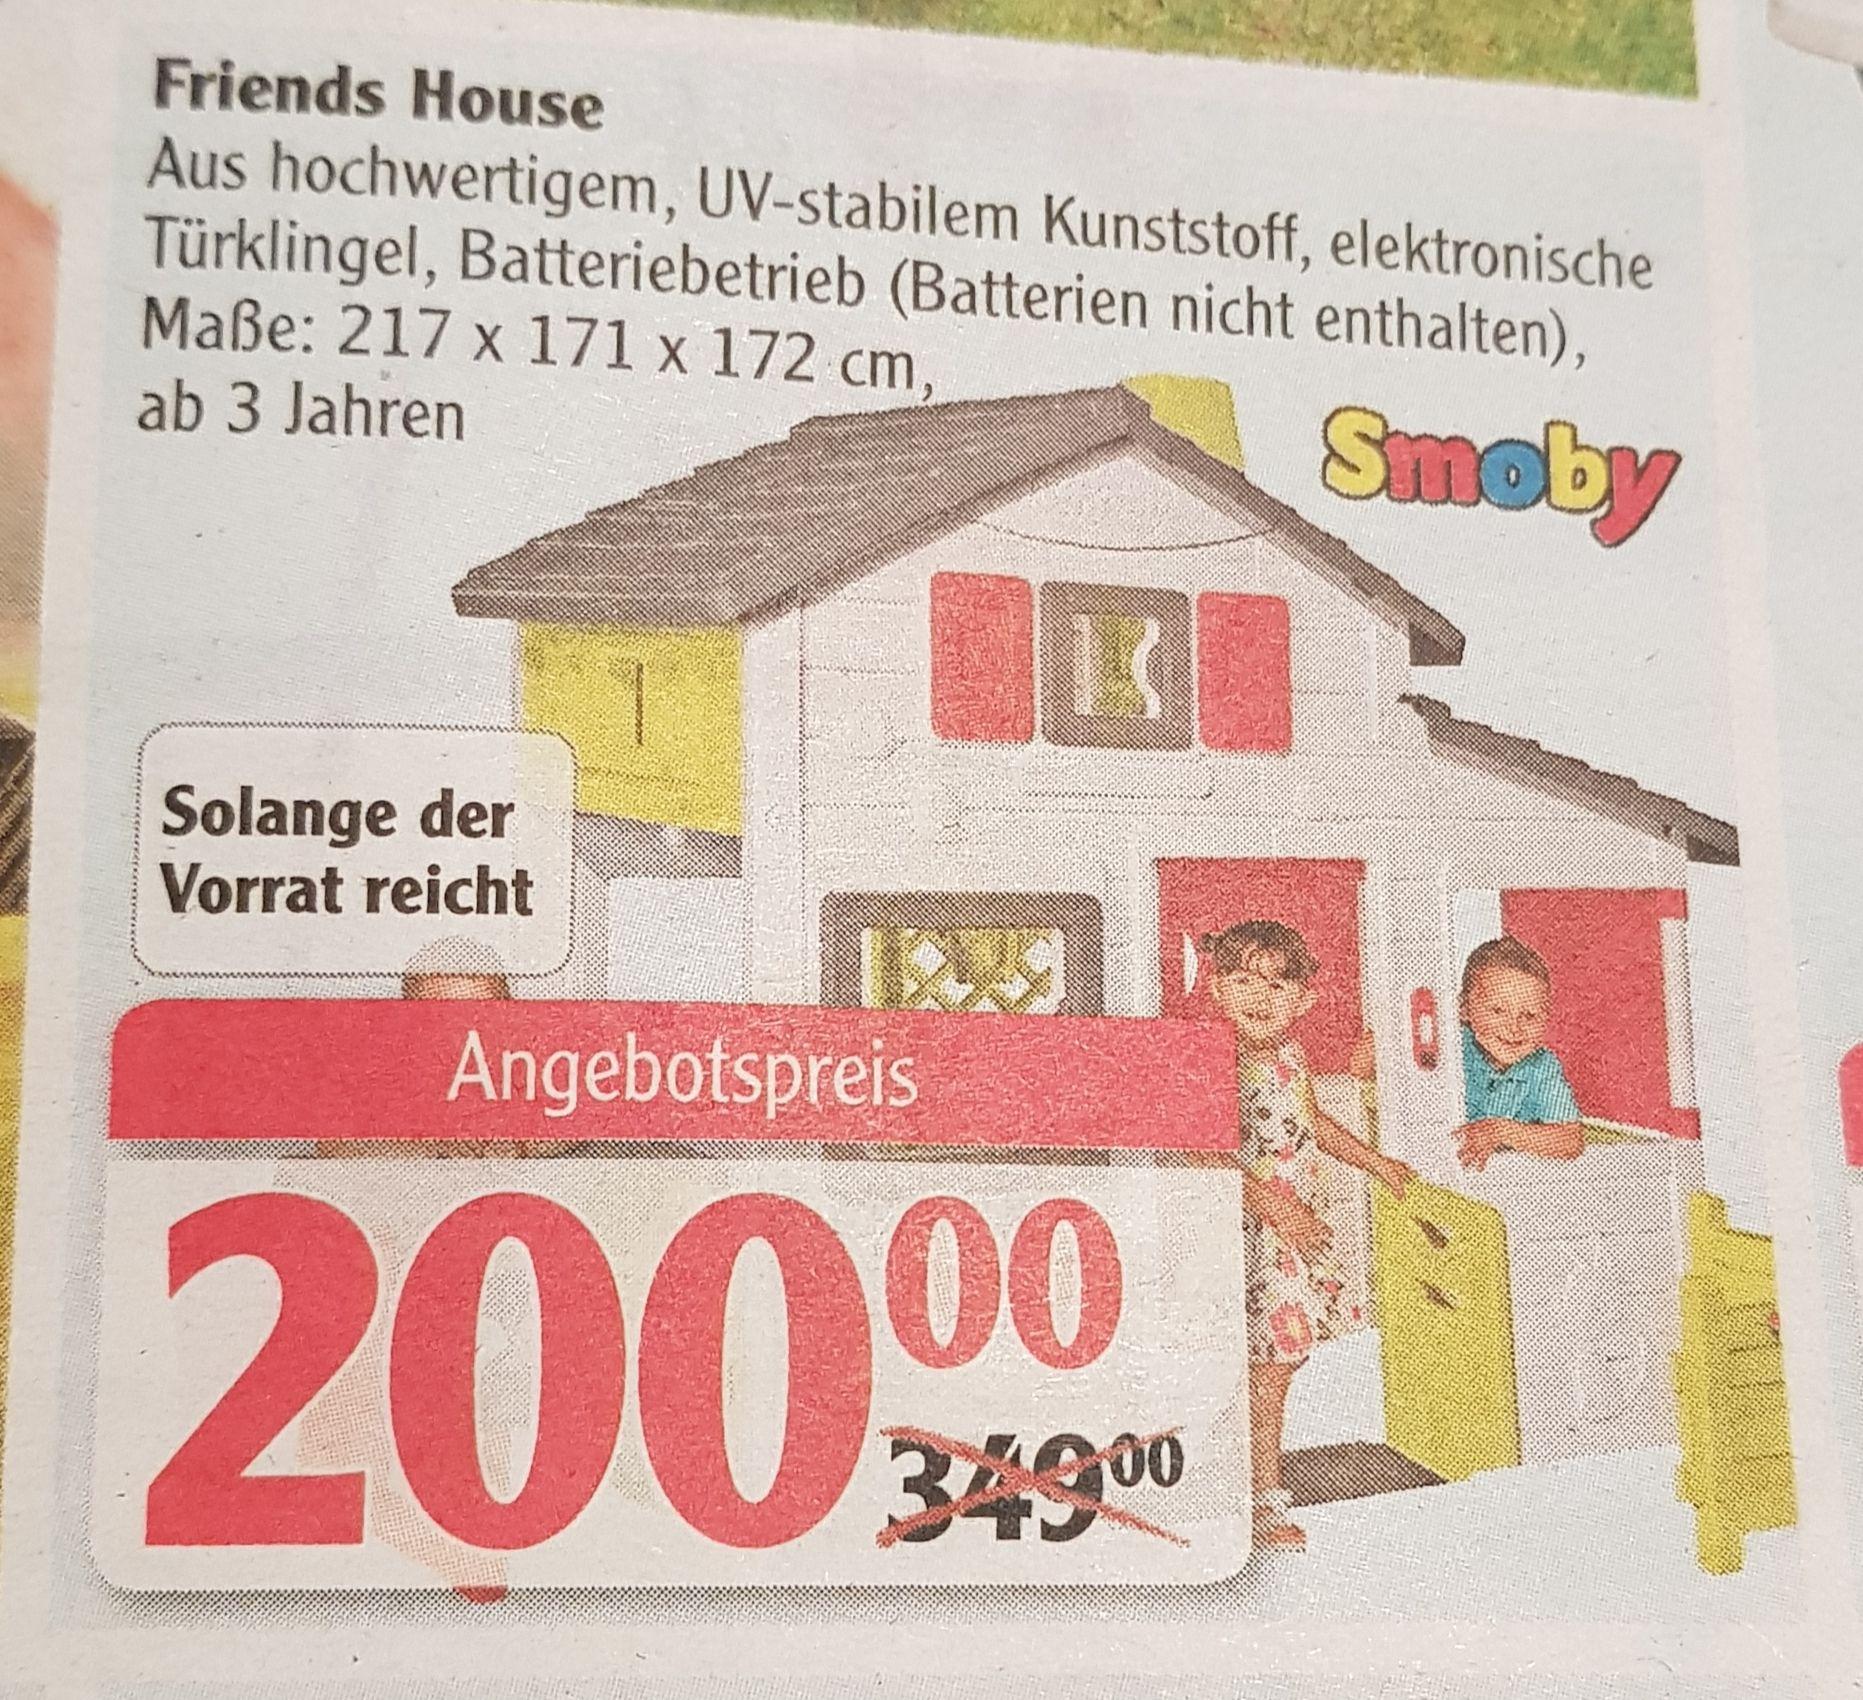 Smoby Friends House Globus (evtl Lokal Plattling)